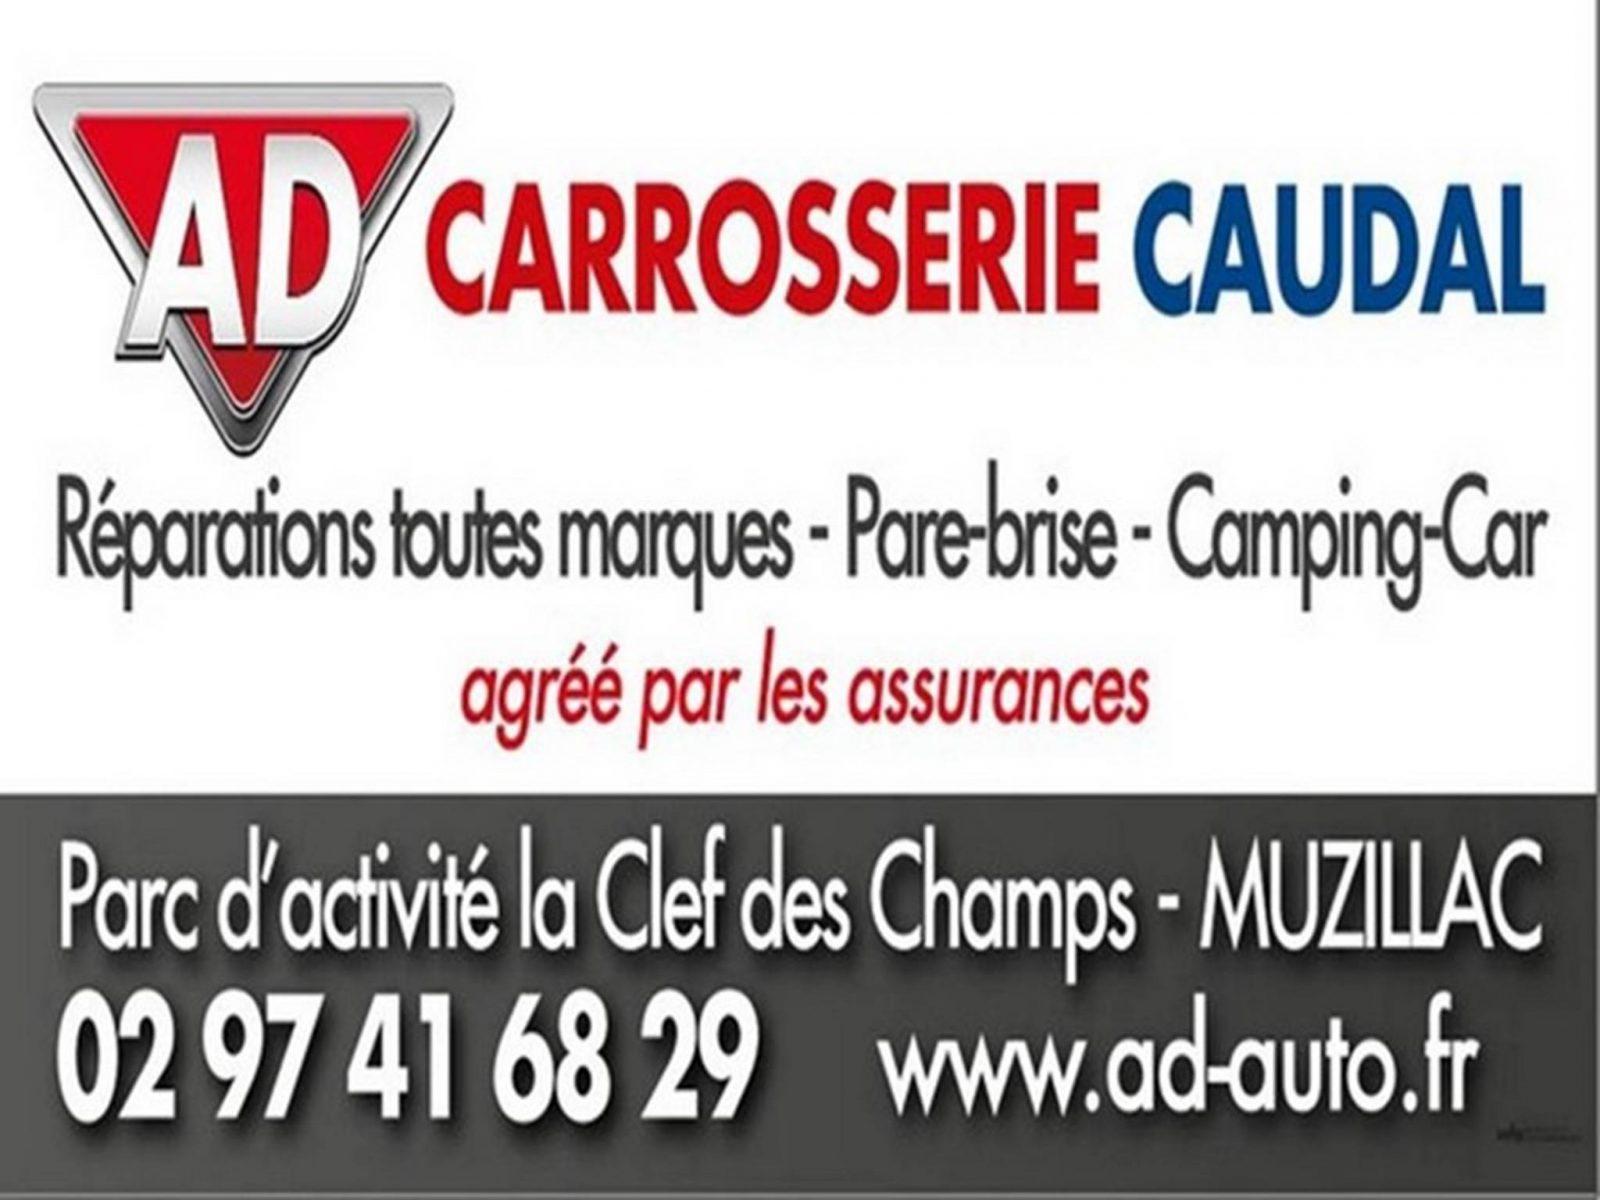 Carrosserie Caudal Muzillac Morbihan